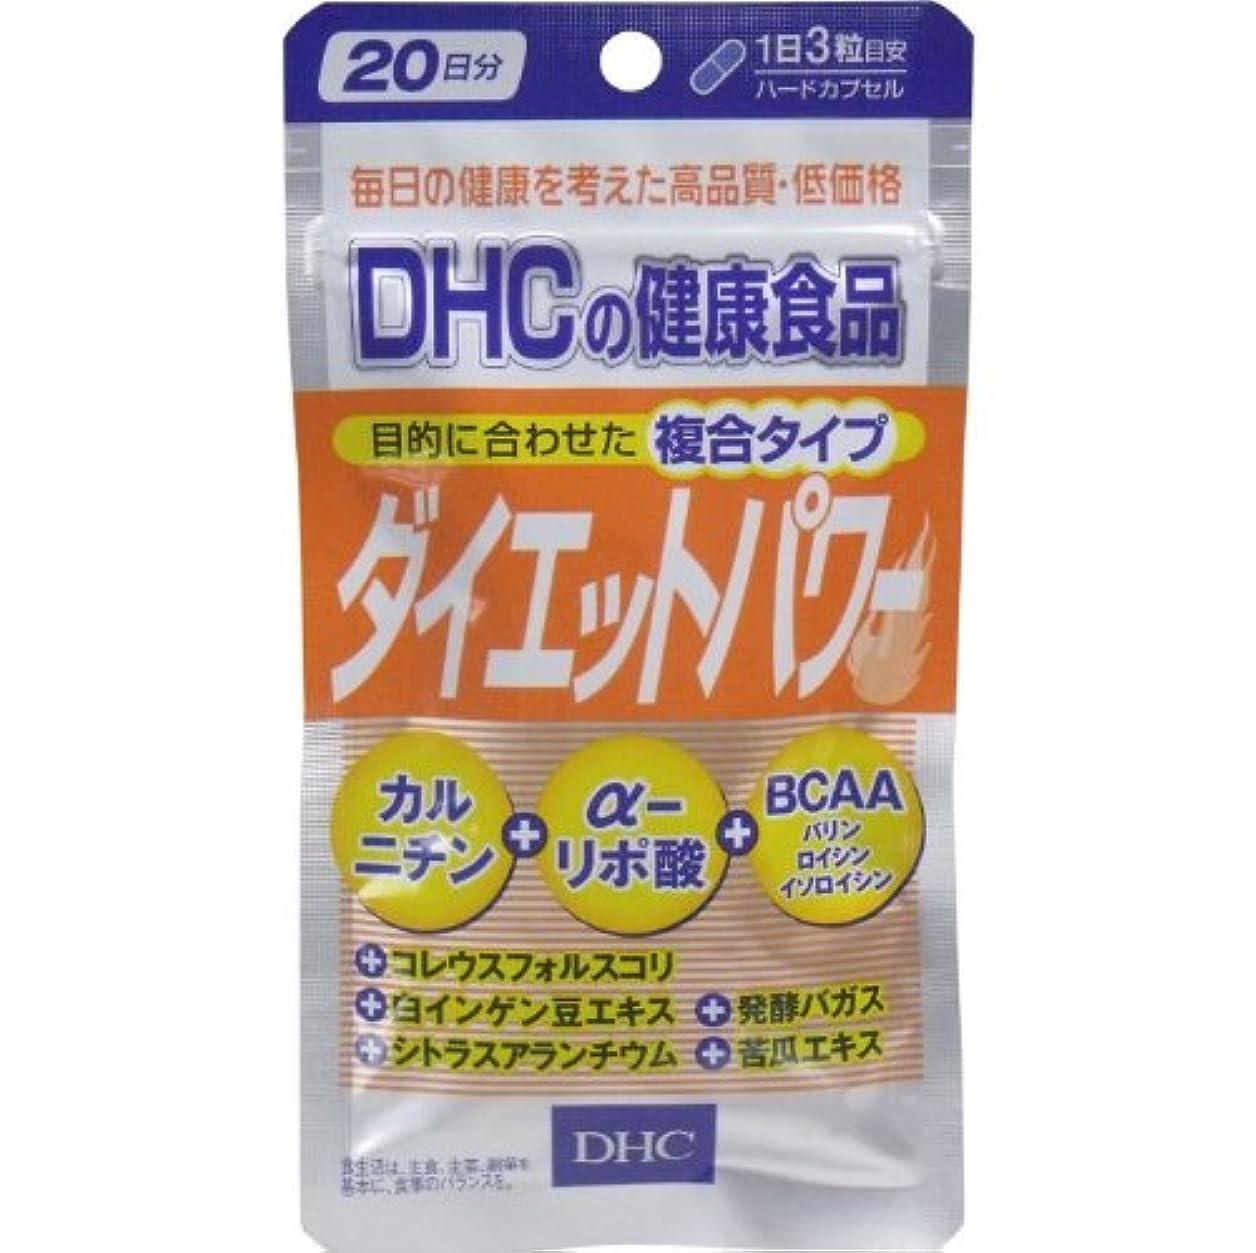 伸ばすカカドゥ広いDHC ダイエットパワー 60粒入 20日分【4個セット】